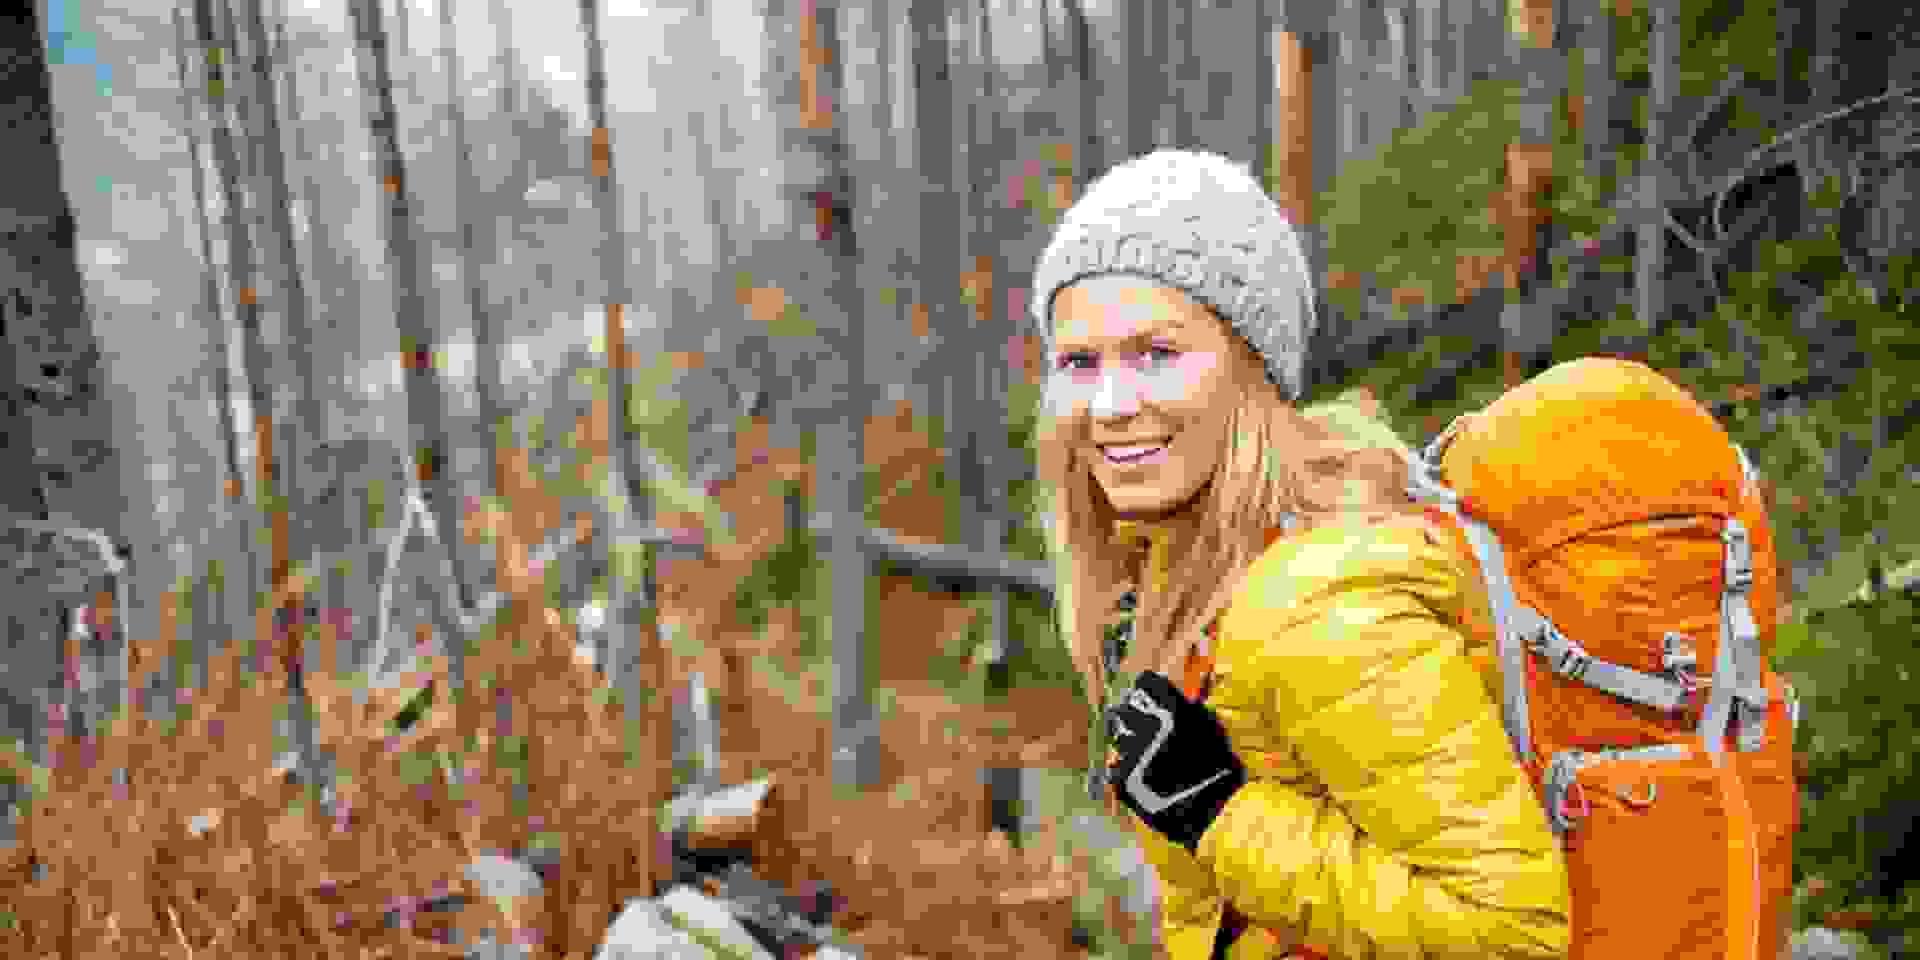 Eine Frau wandert in orange farbener Thermojacke durch den Wald. Auf dem Rücken trägt sie einen großen Wanderrucksack.